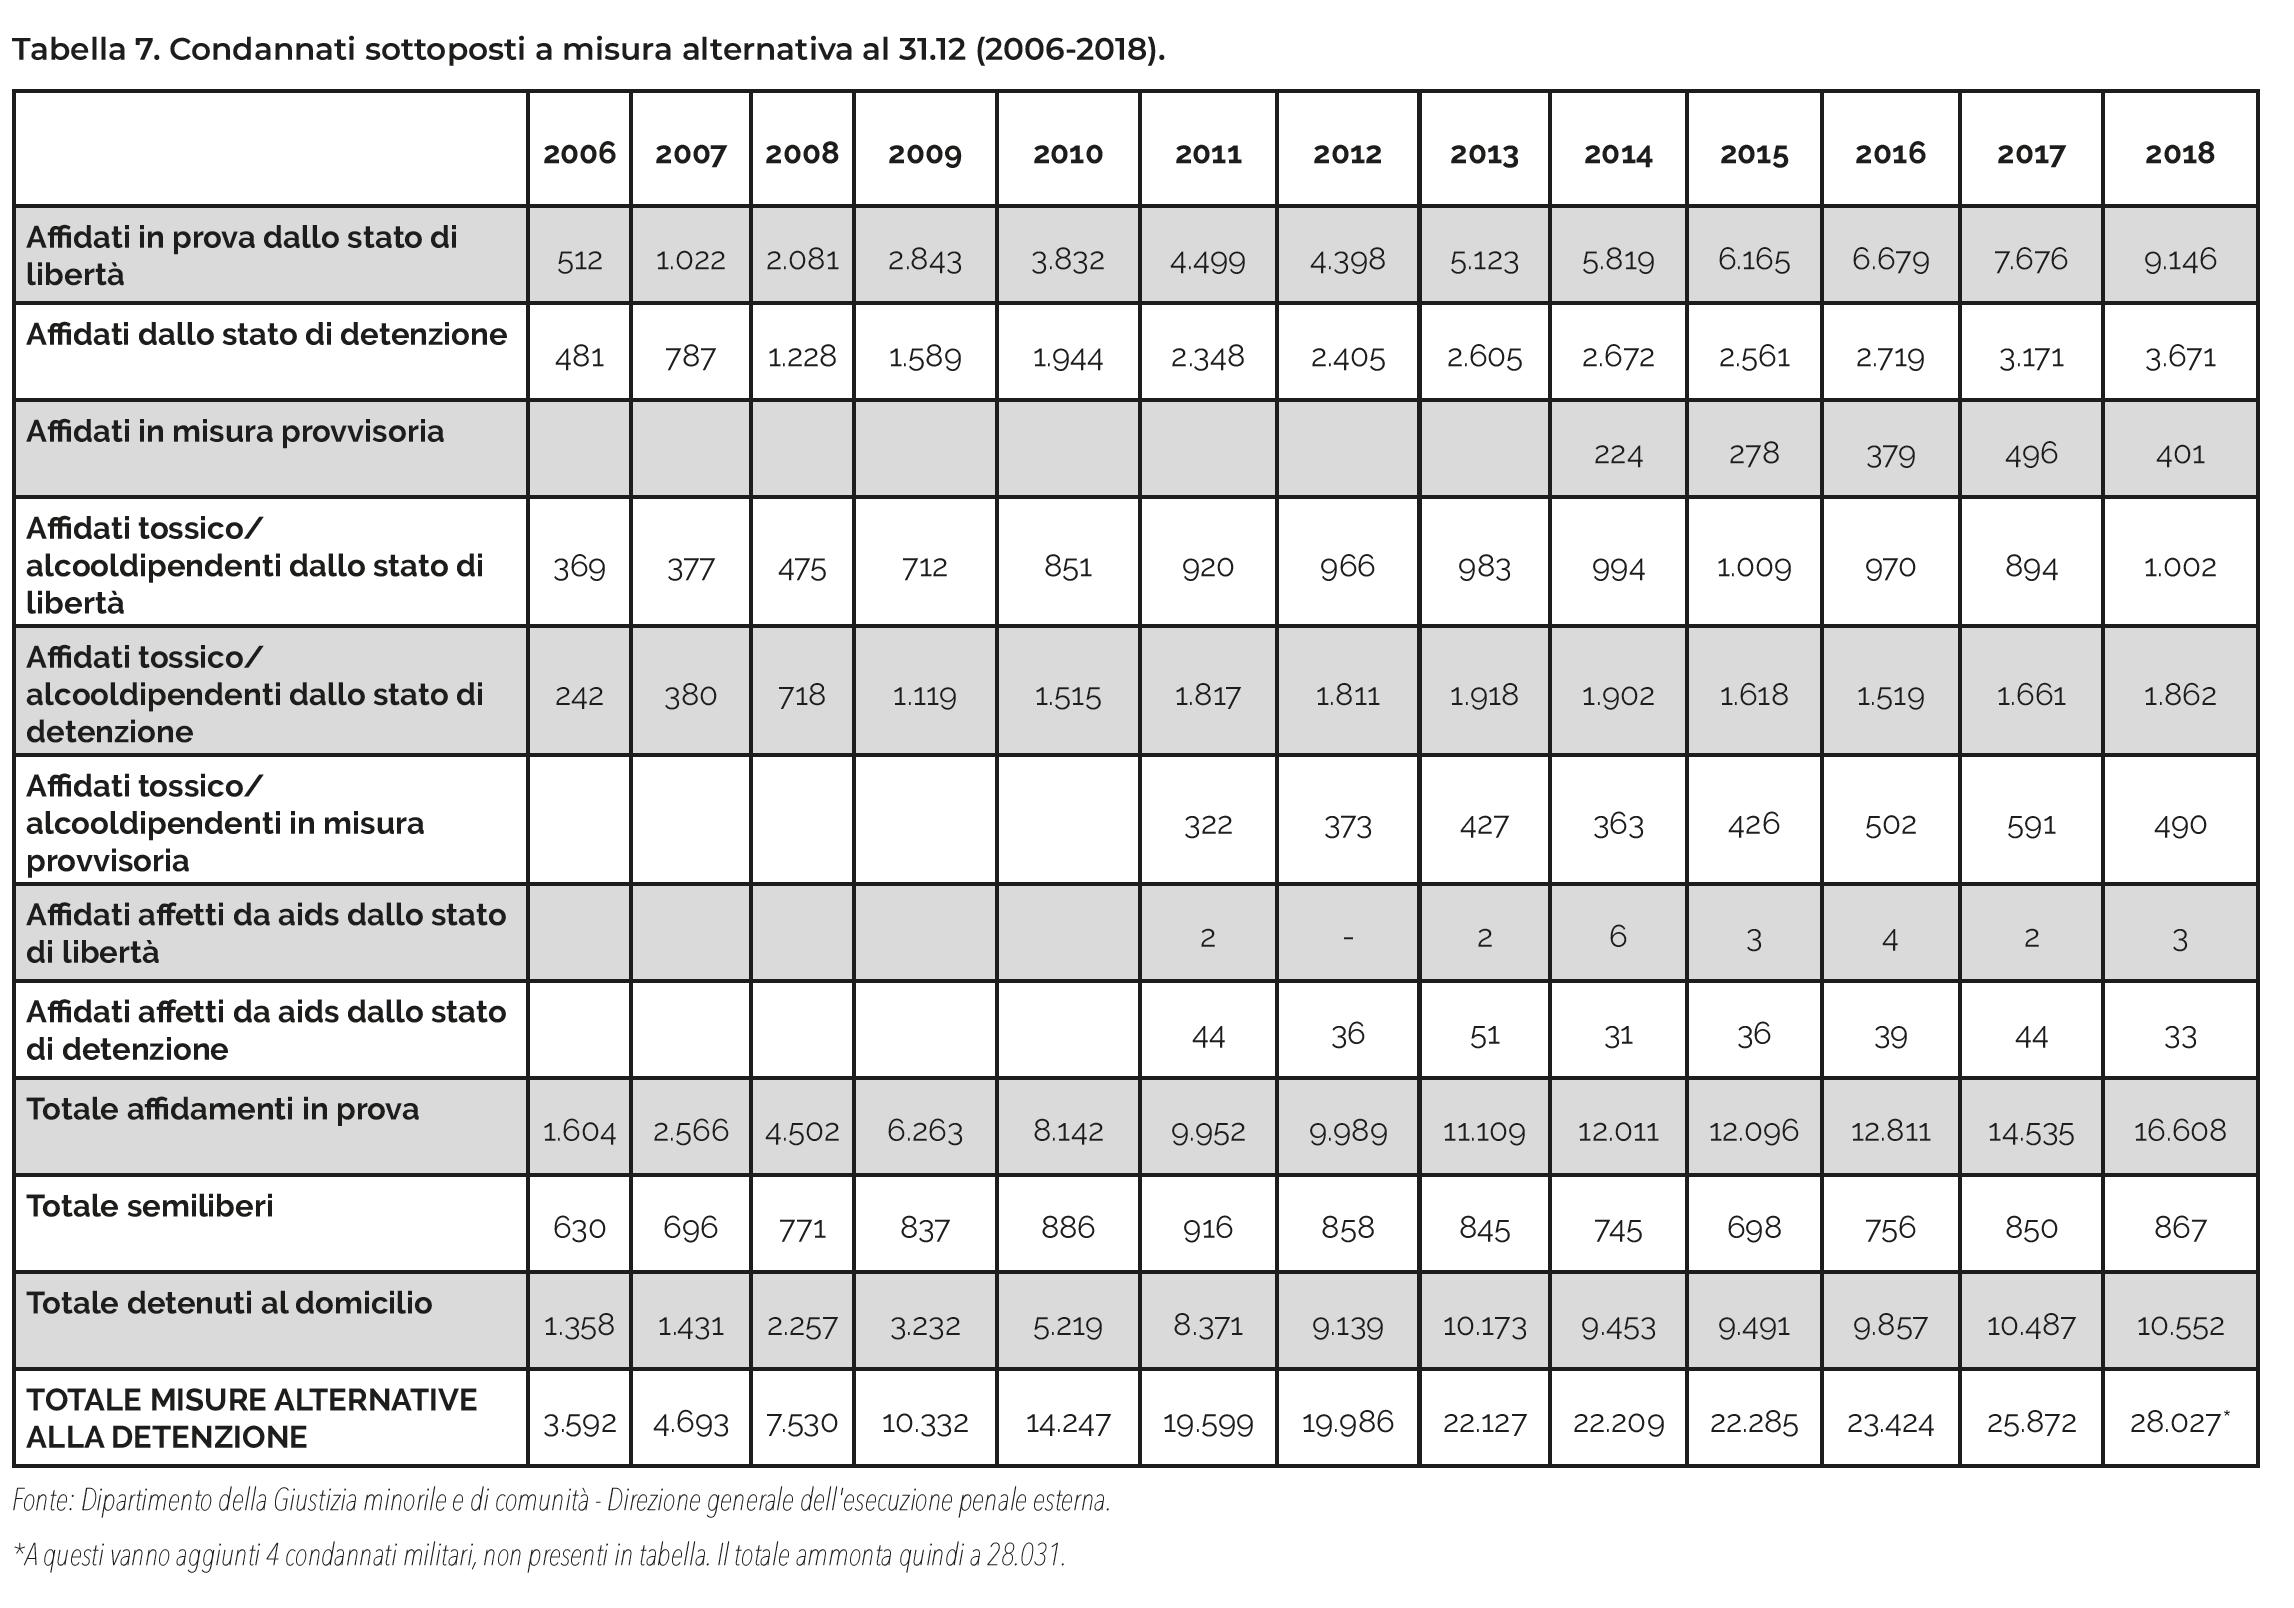 Tabella 7. Condannati sottoposti a misura alternativa al 31.12 (2006-2018).